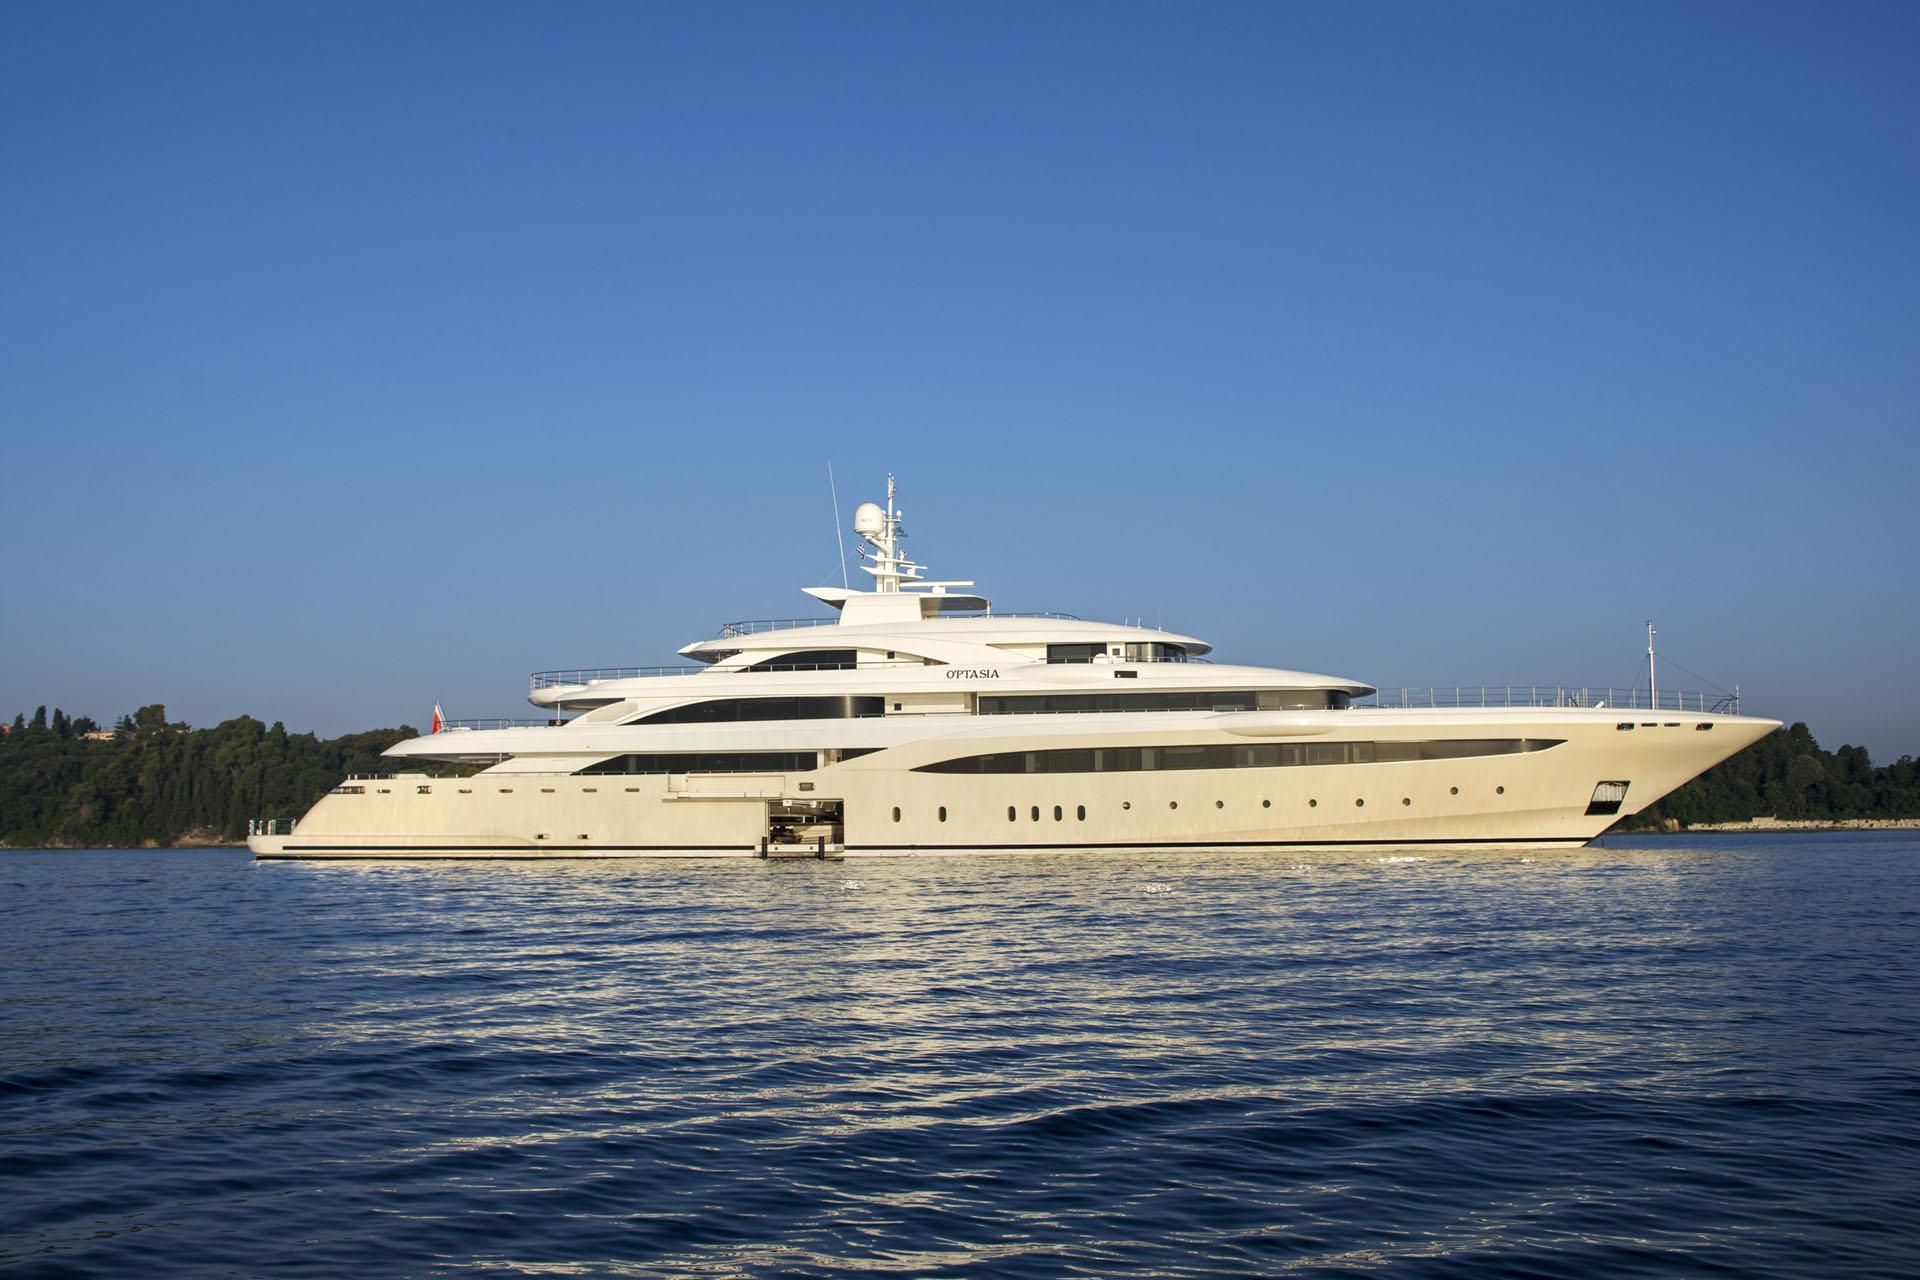 O'PTASIA Yacht Profile